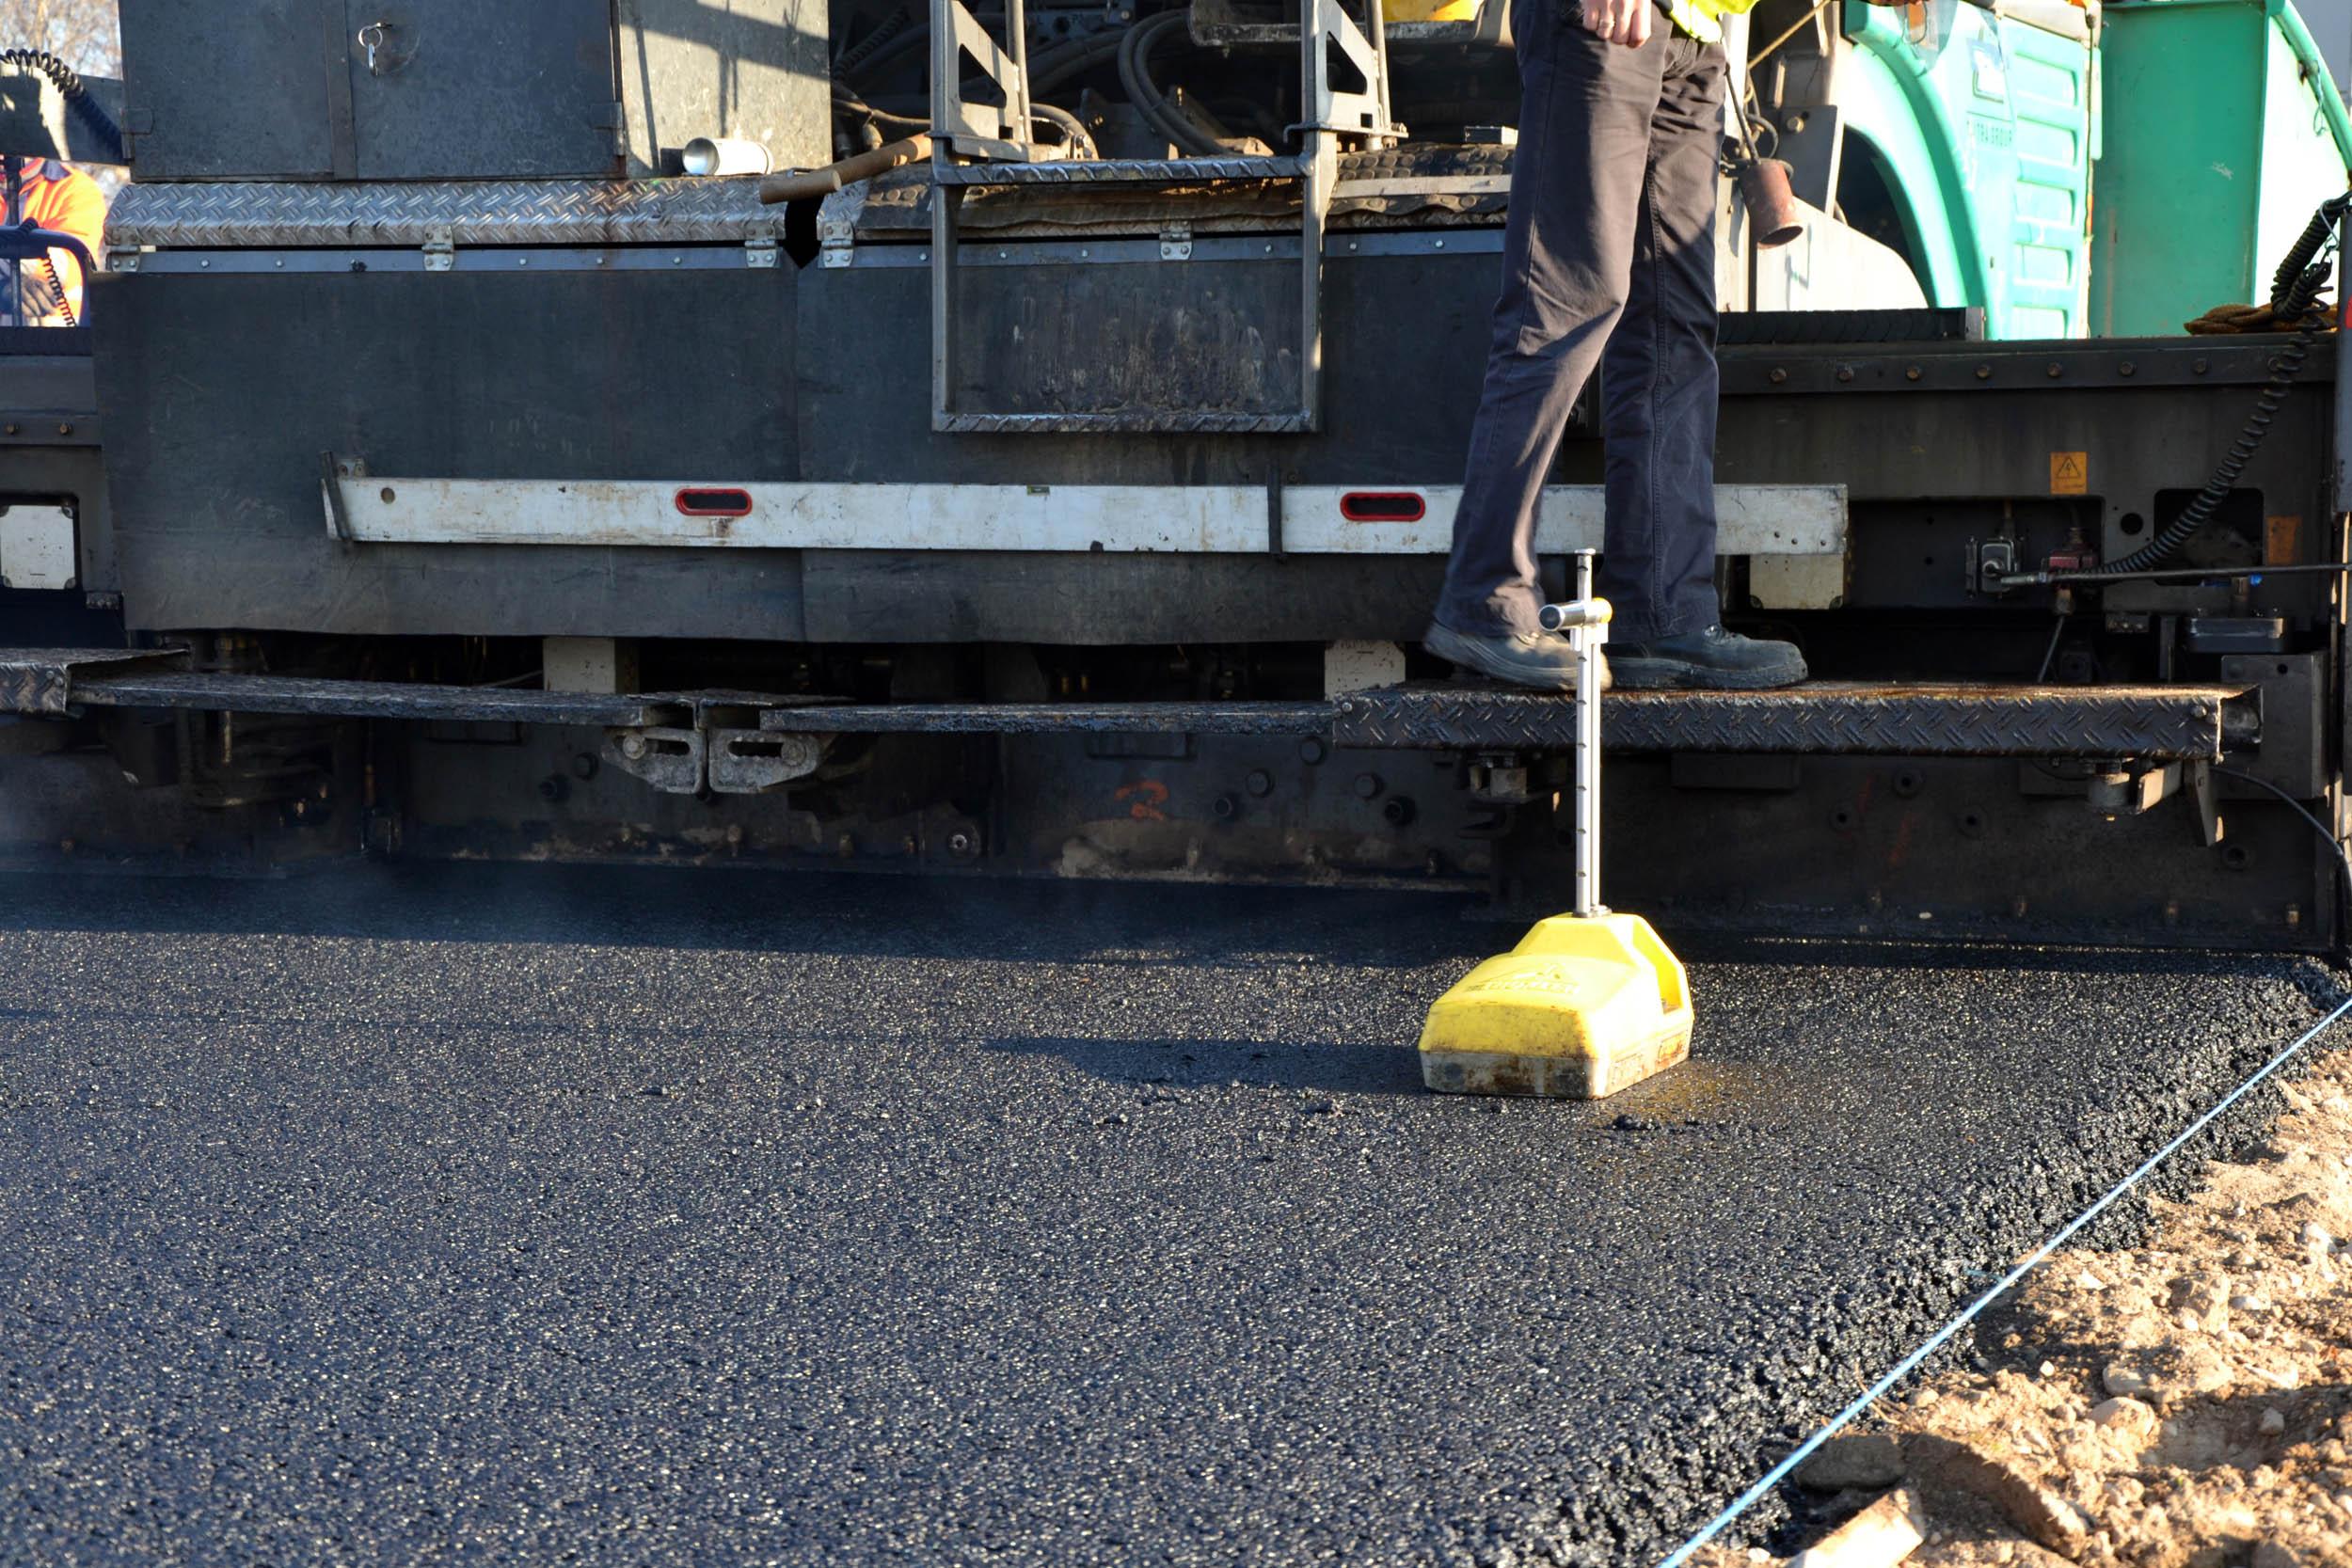 Asphalt paving, Black, Density, Device, Gauge, HQ Photo